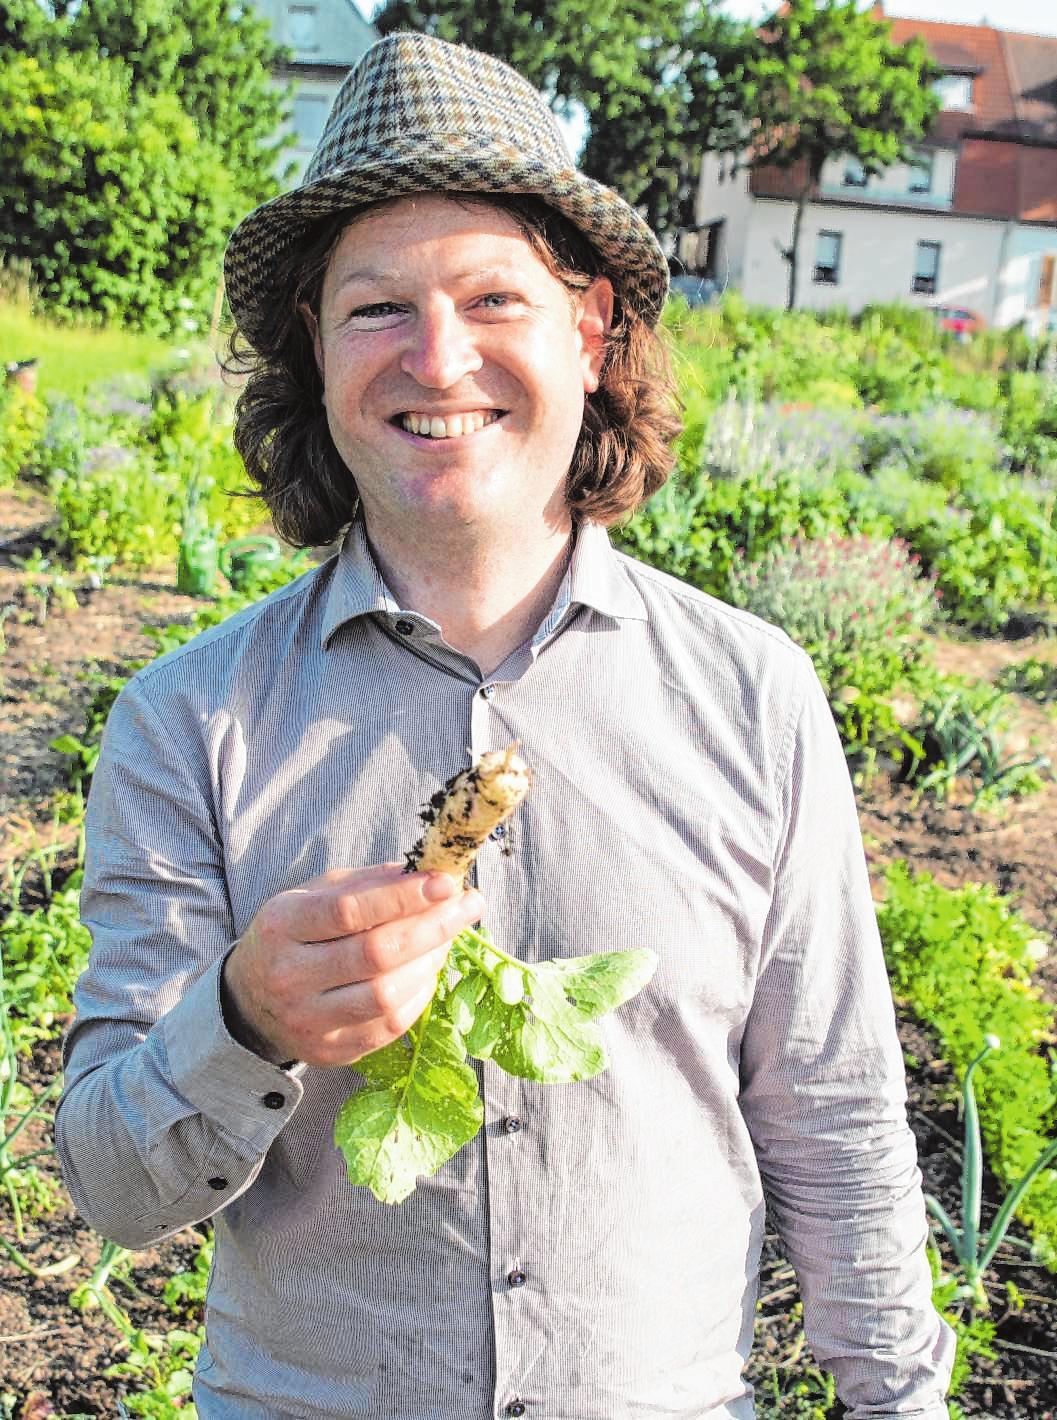 Der ehemalige Software-Berater Bertram Fischer rief die Mikro-Landwirtschaft in Mannheim 2018 ins Leben – und feiert immer größere Erfolge. BILDER: MARKUS MERTENS